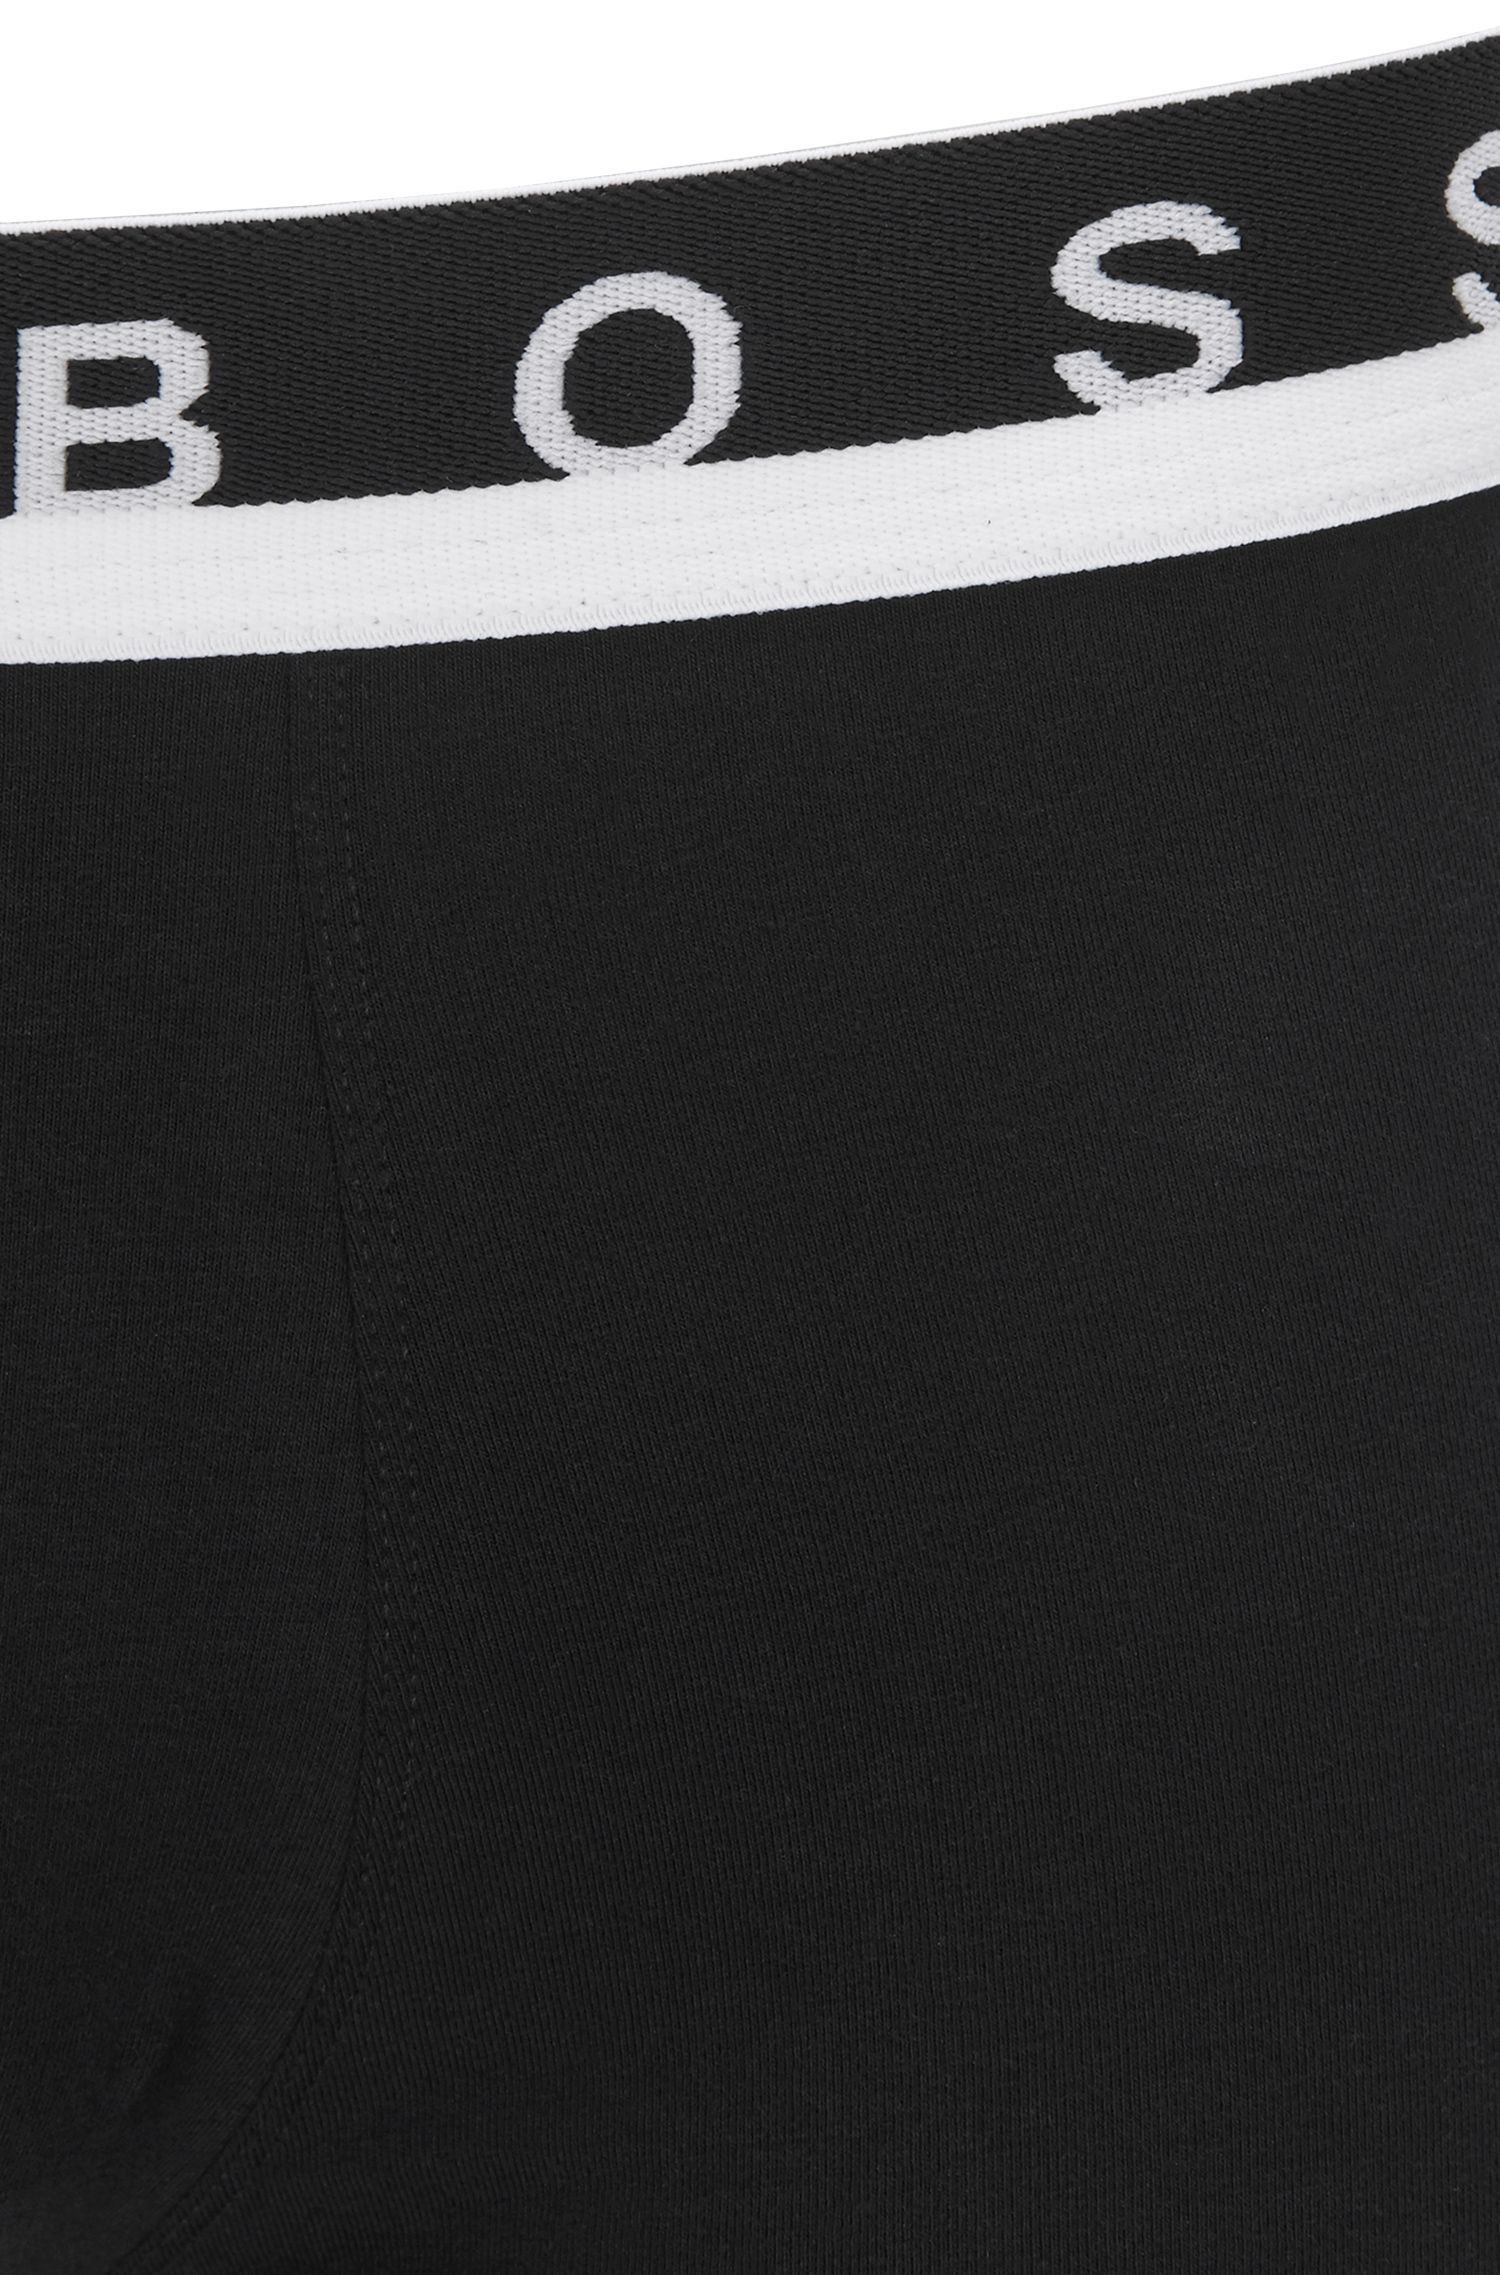 Boxershorts aus Stretch-Baumwolle mit Logo am Bund